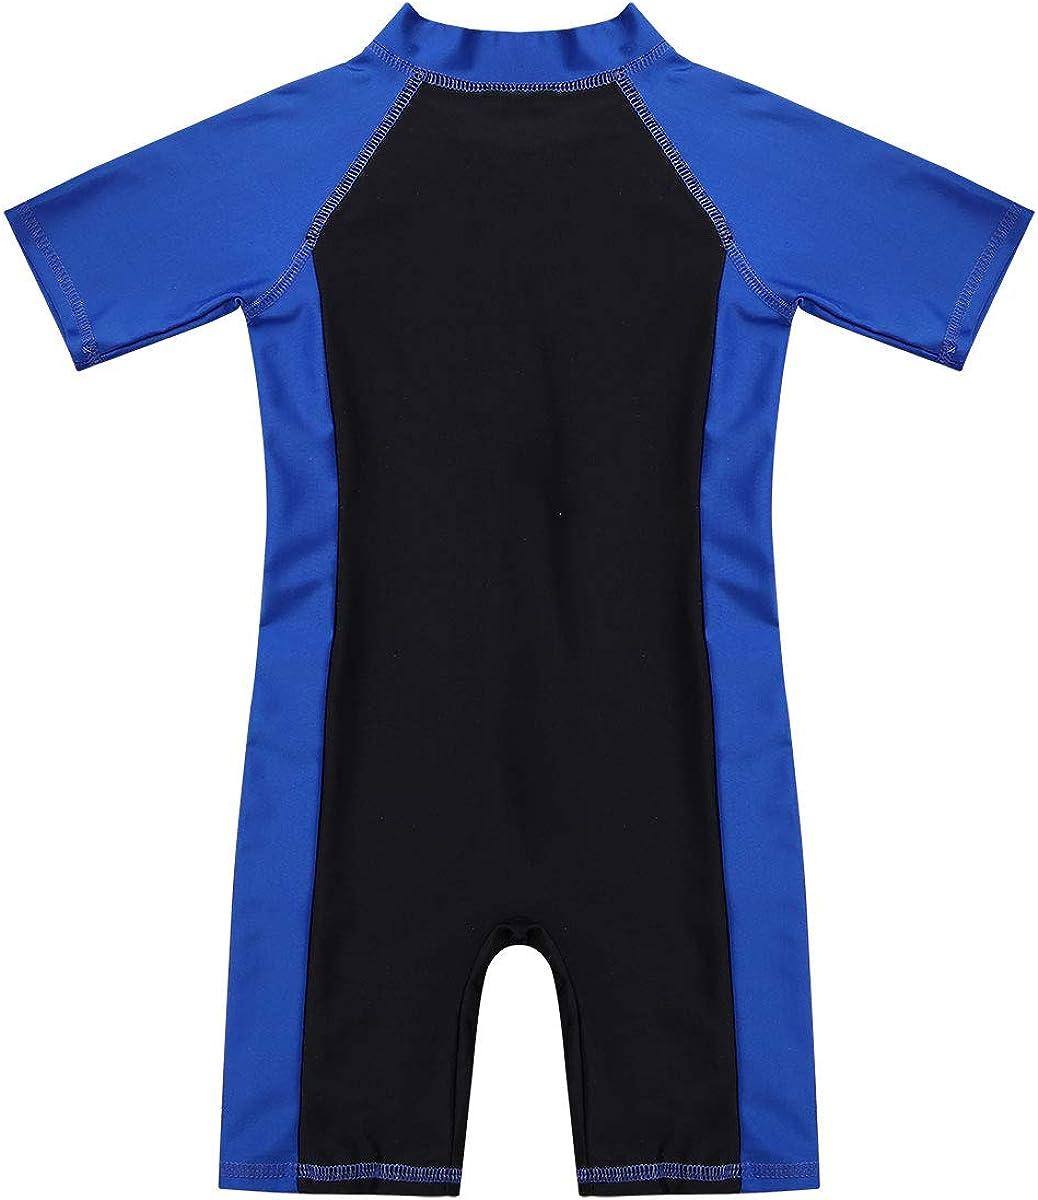 Aislor Kids Boys Quick Dry Diving Suit One Piece Wetsuit Short Sleeves Rash Guard Swimwear Sunsuit